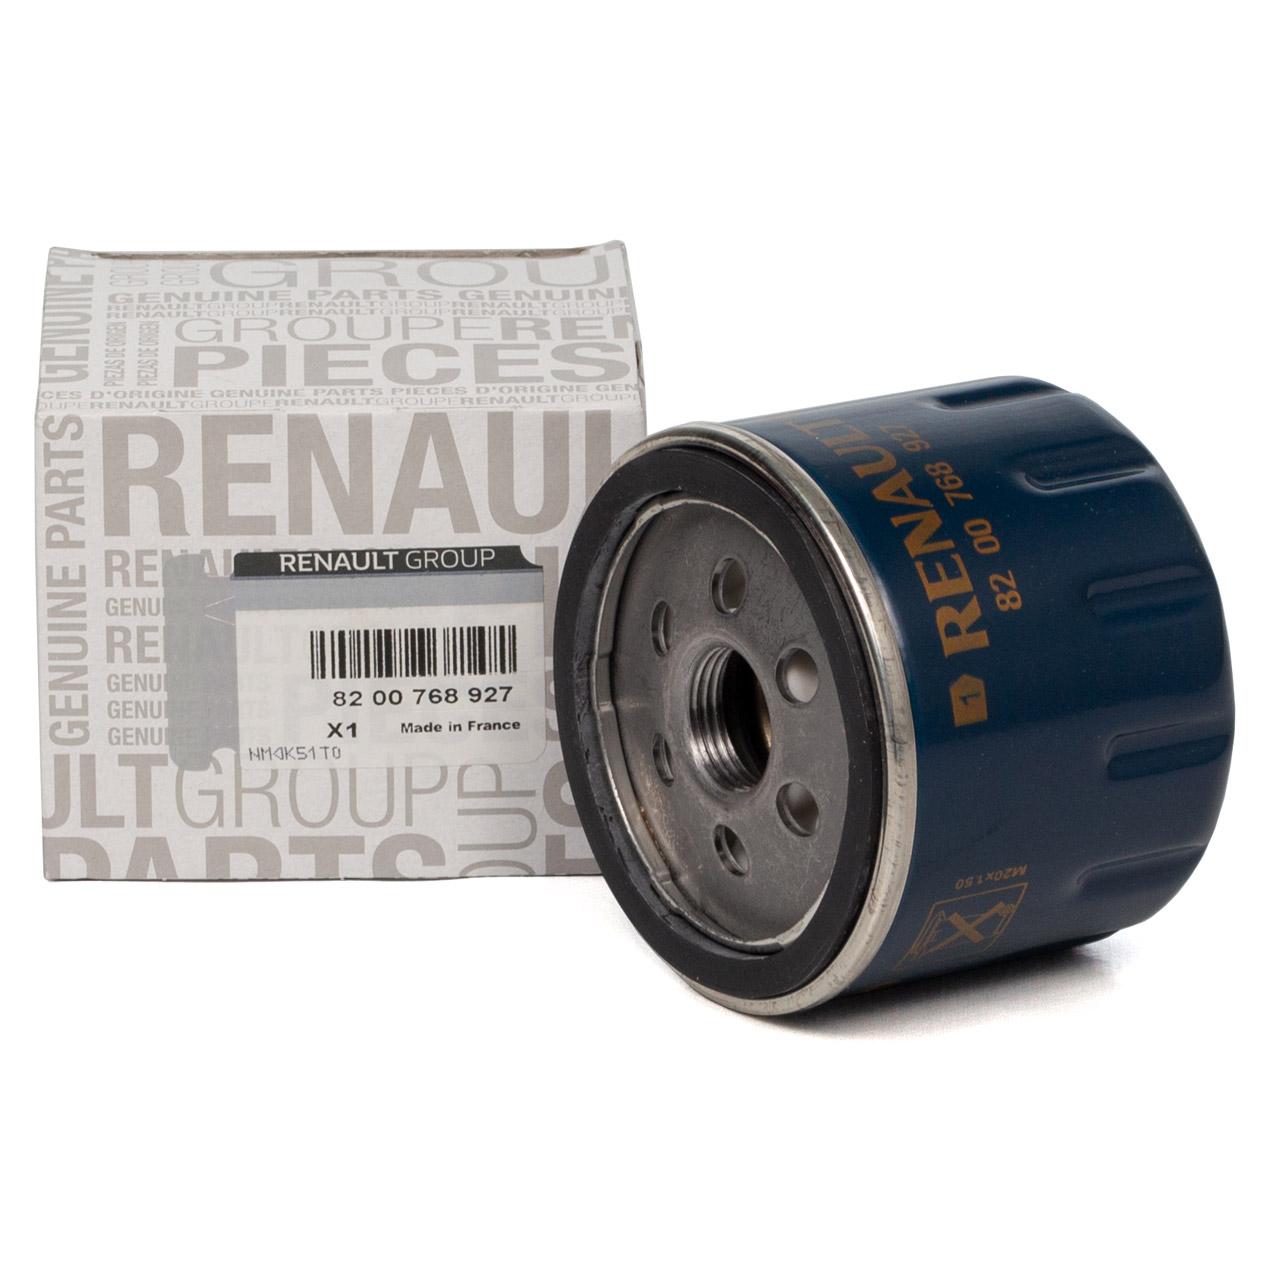 ORIGINAL Renault Ölfilter CLIO SCENIC LAGUNA MEGANE TWINGO TRAFIC 8200768927